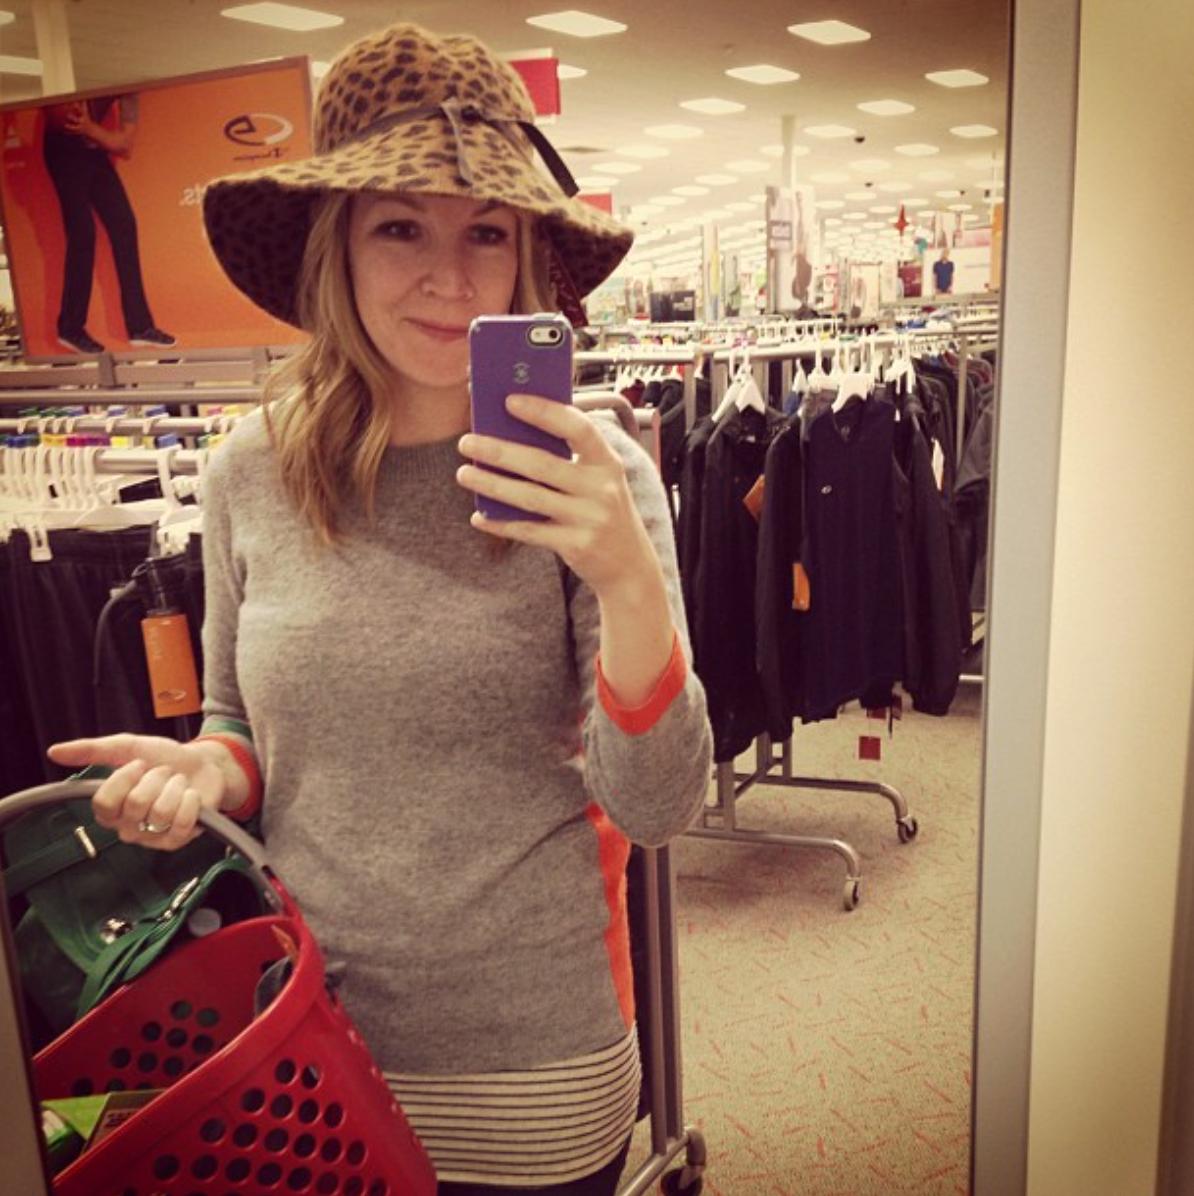 Leopard hat, FTW!